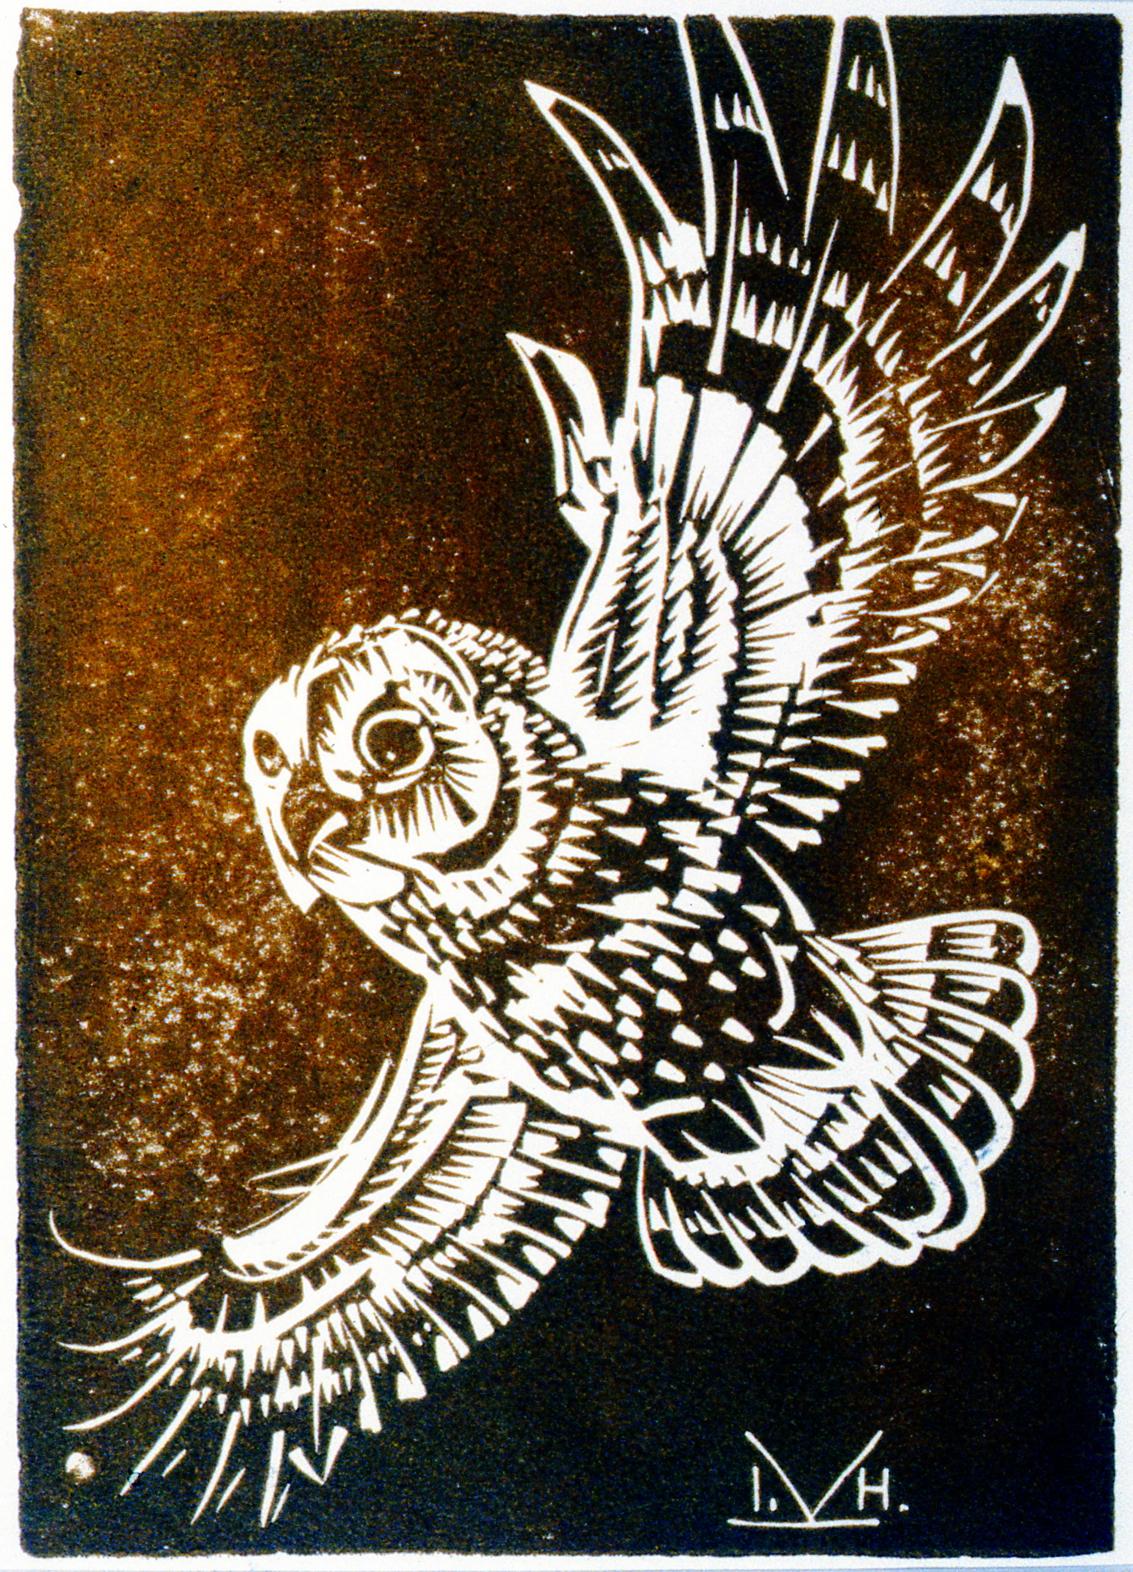 """Owl , Illingworth Kerr, lino on paper, 8 7/8"""" x 6 1/4"""", 1993.02.03"""